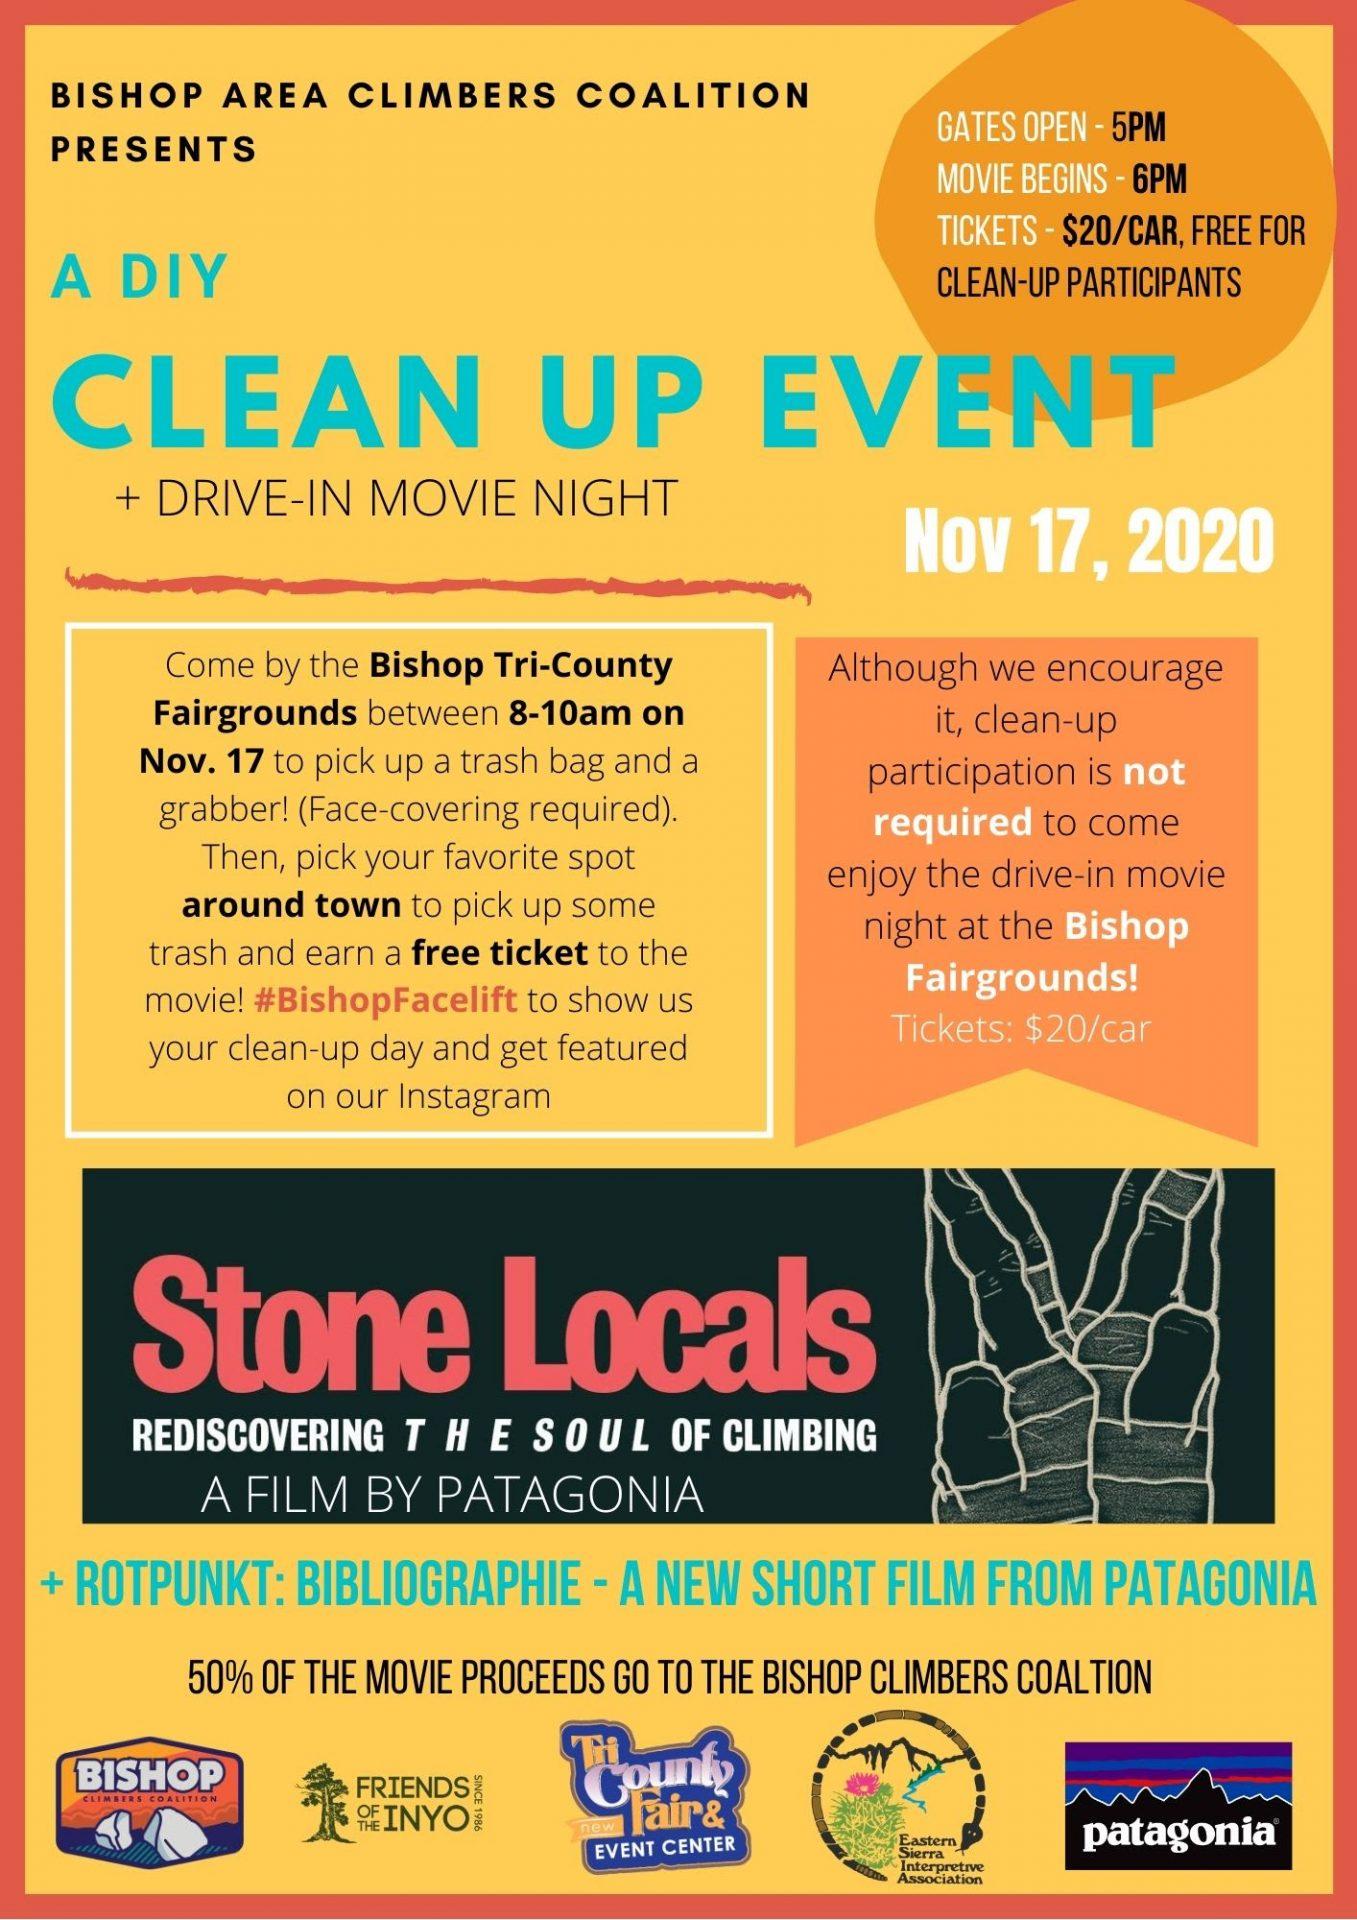 Flyer describing the Bishop stone locals movie night event